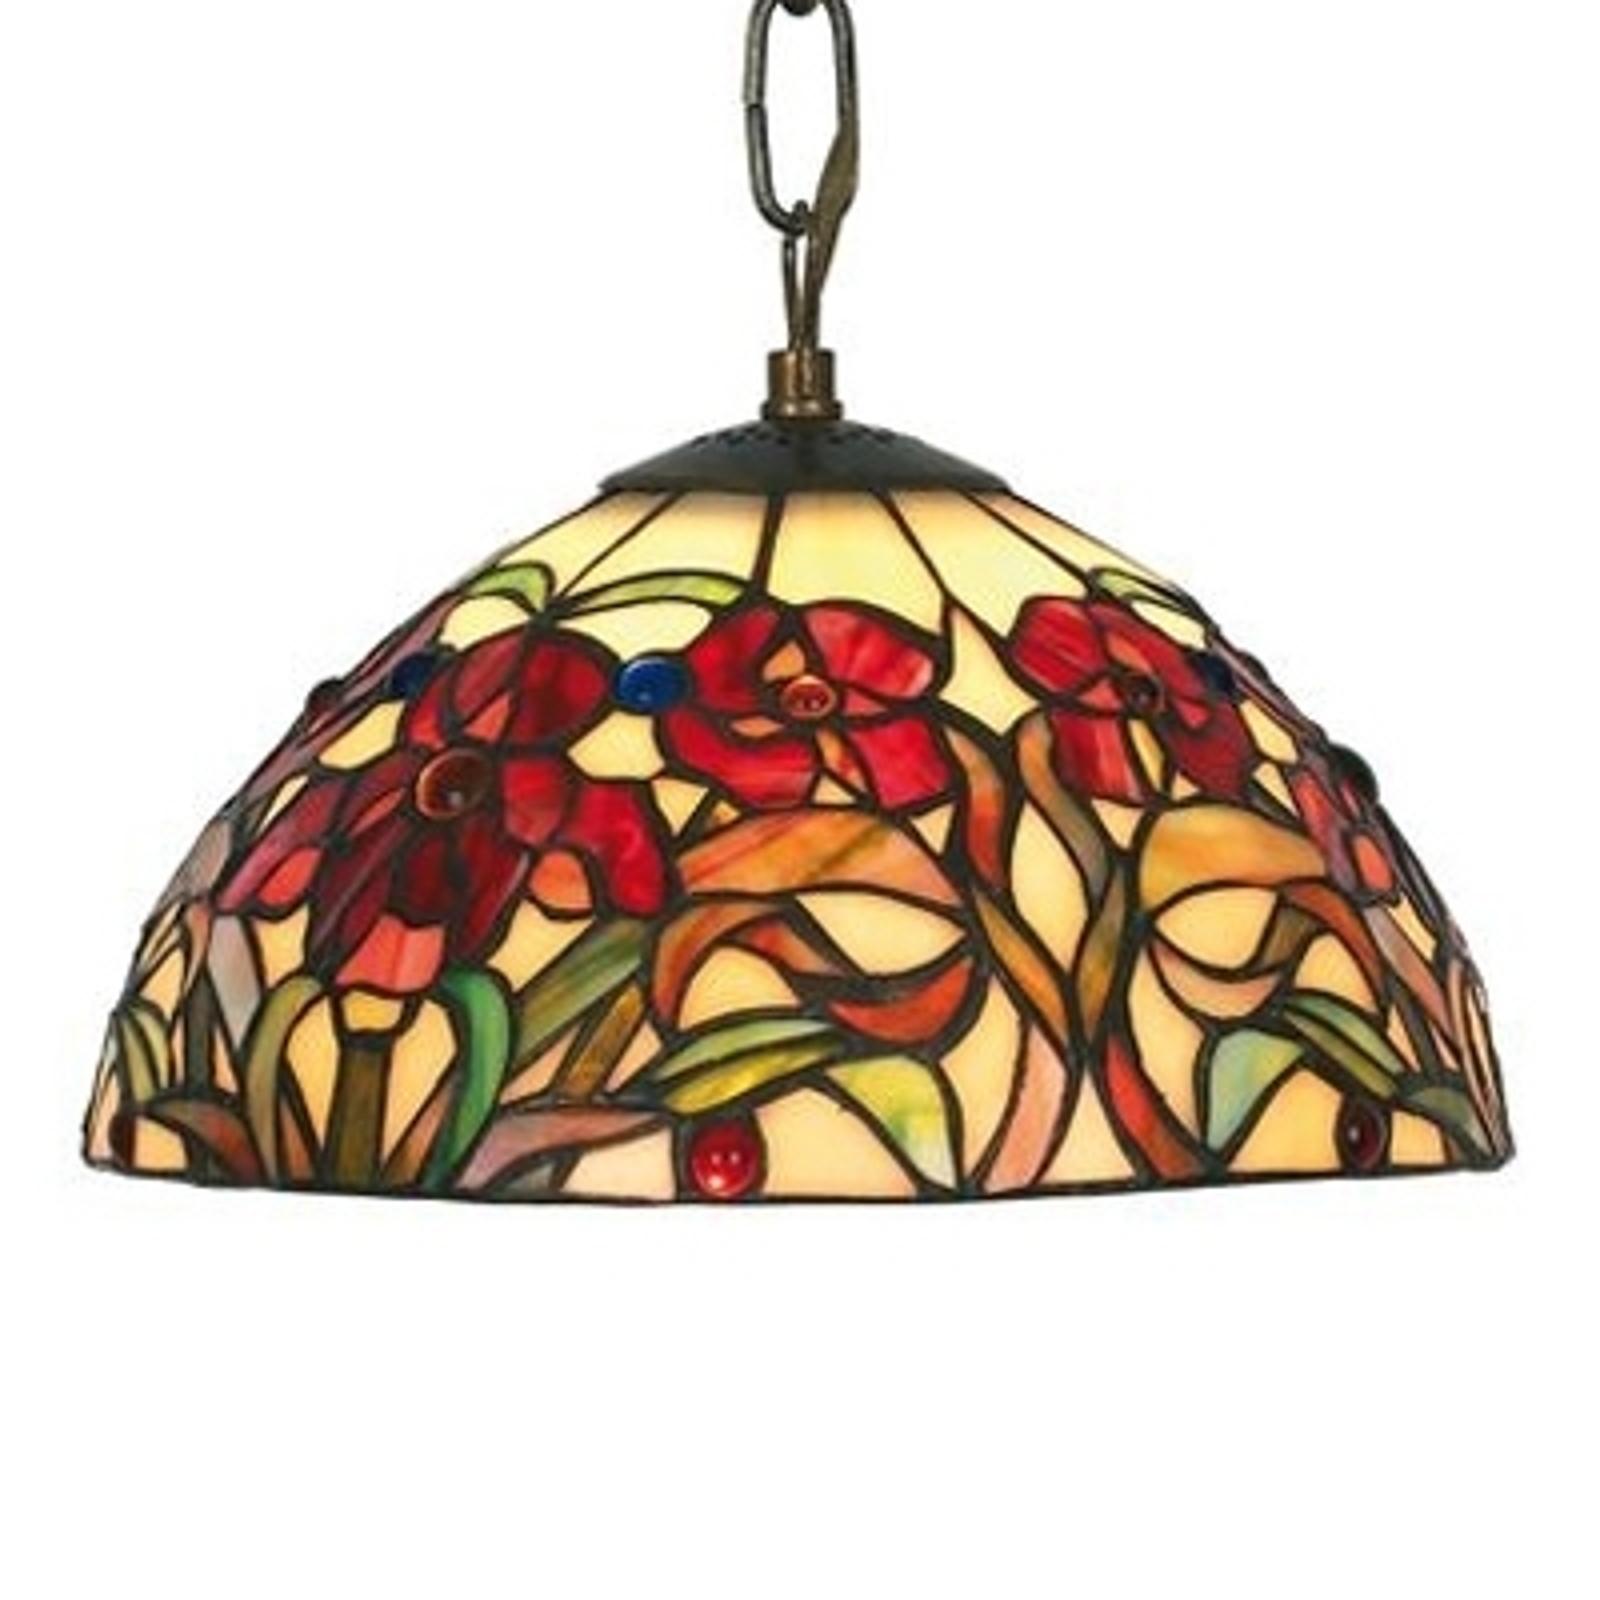 Piccola lampada a sospensione Eline stile Tiffany